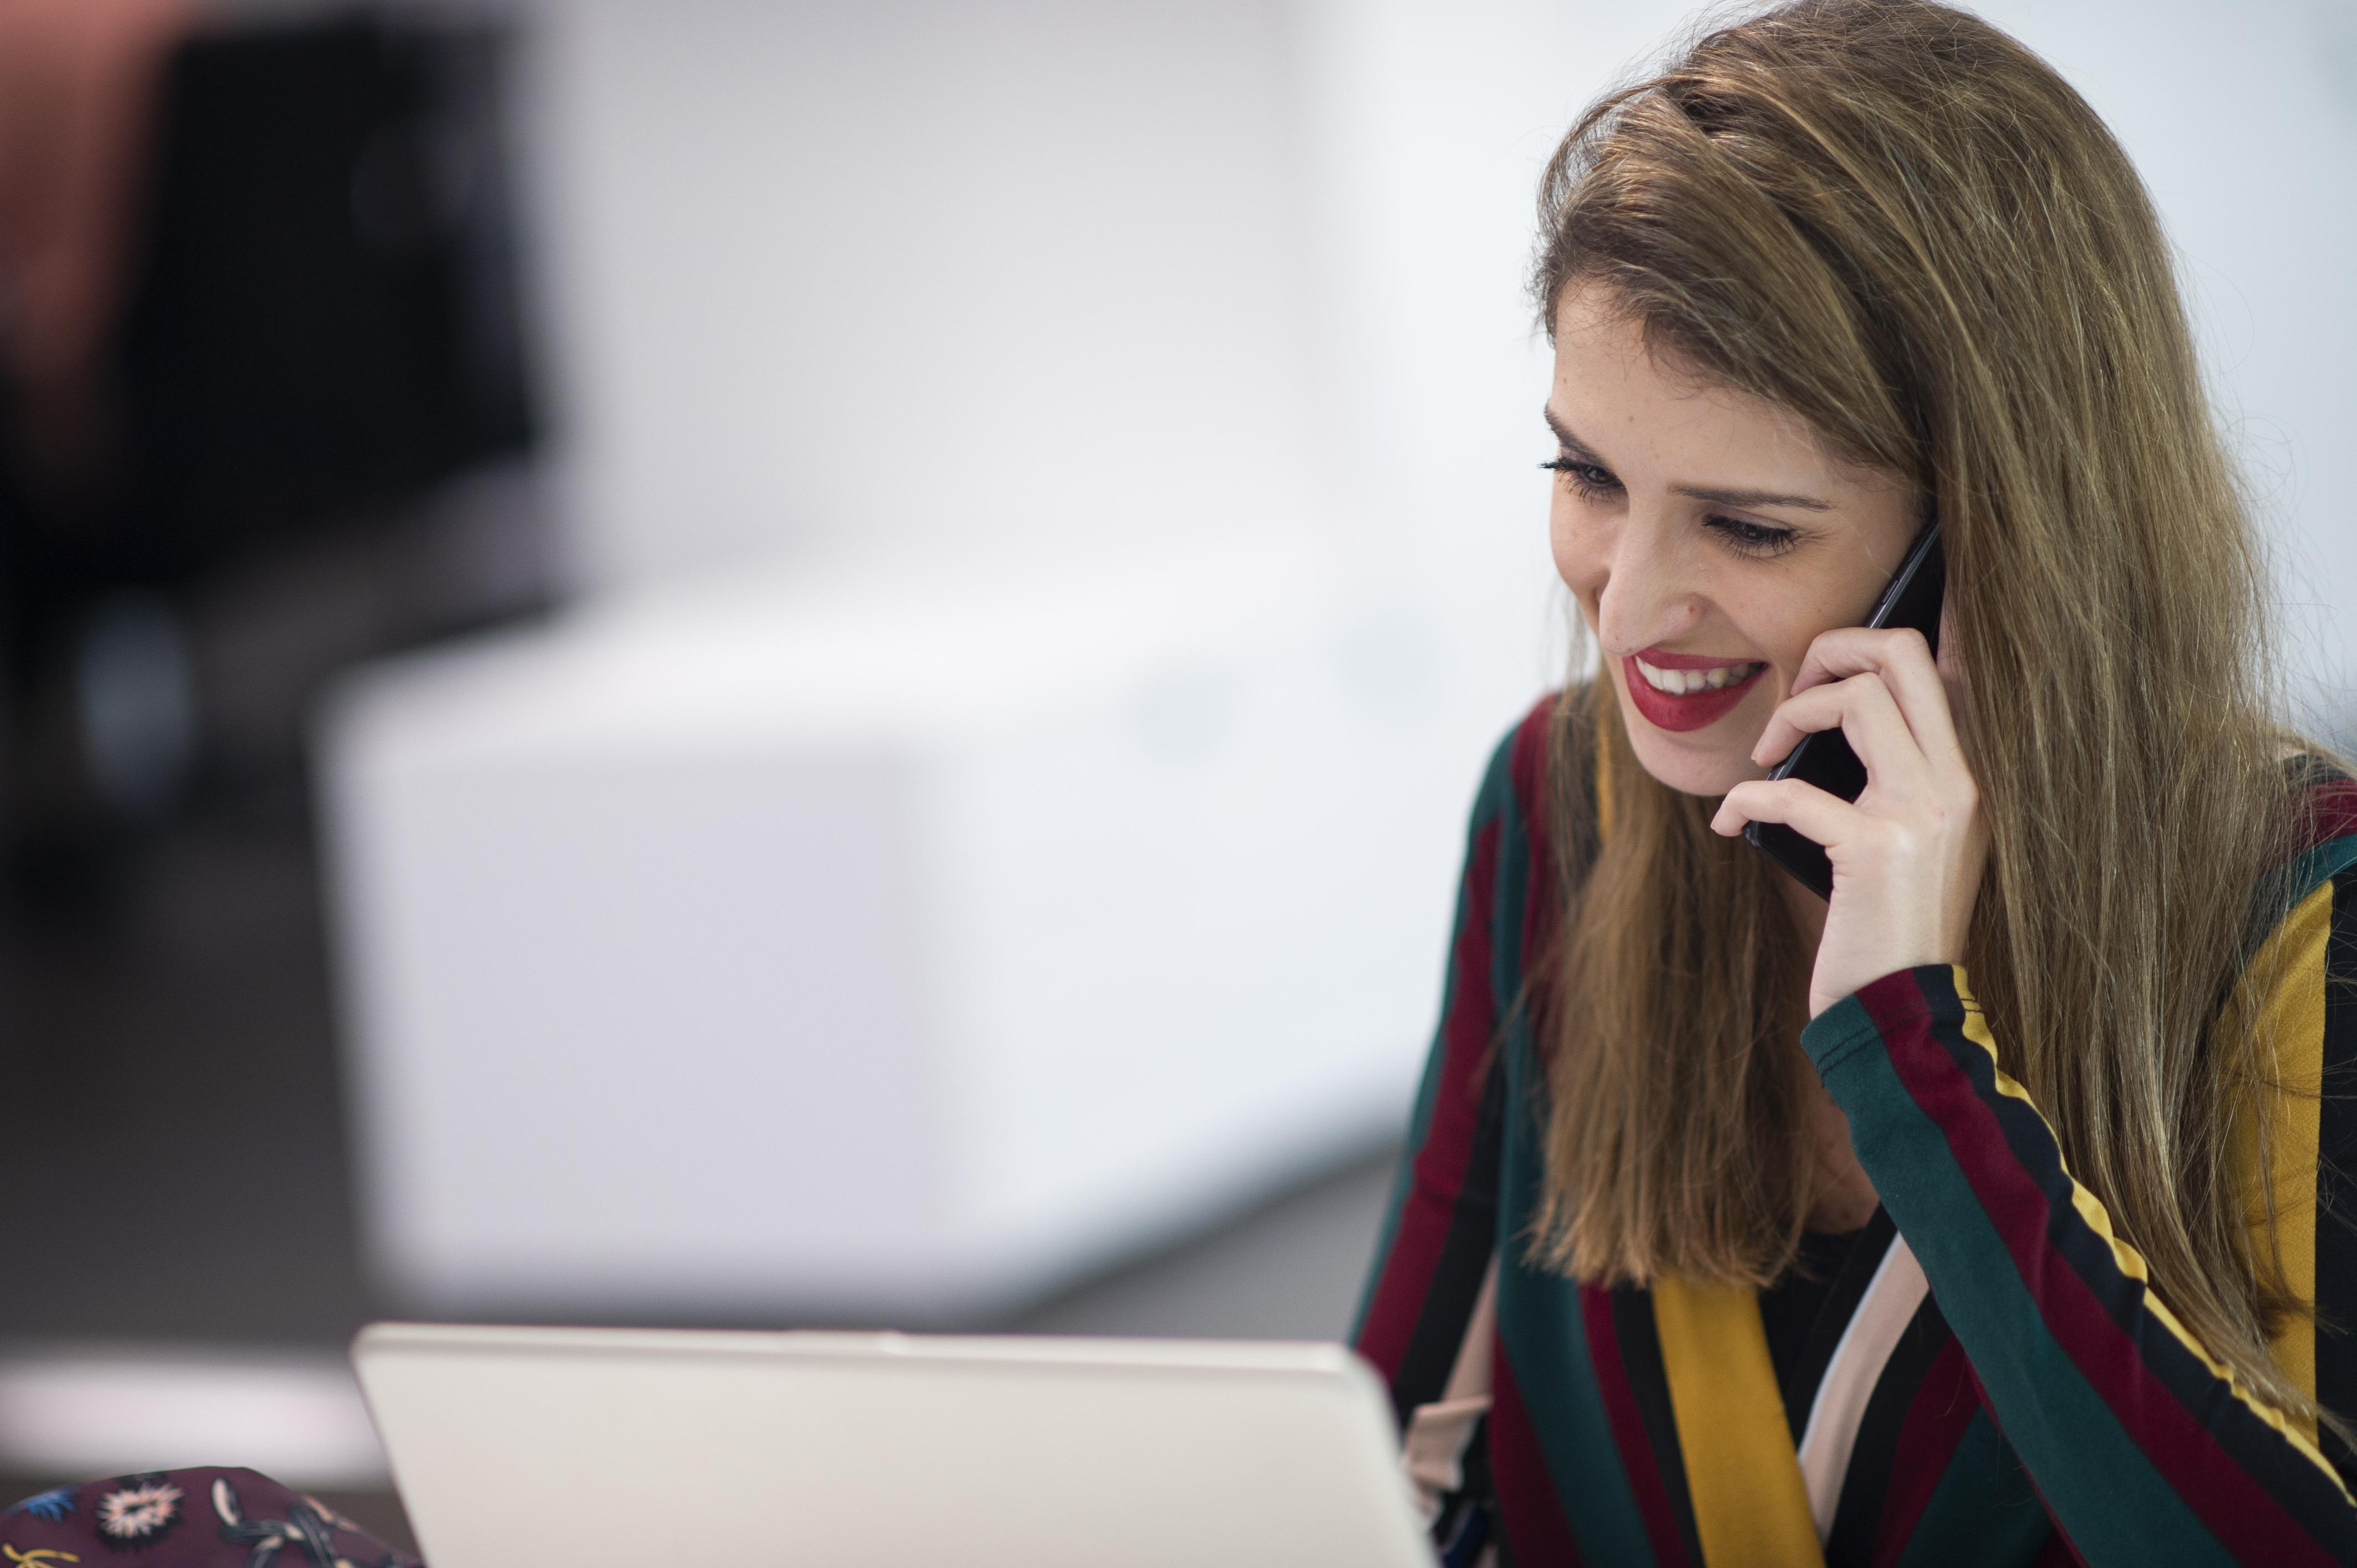 ¿Qué buscan las nuevas generaciones en el mundo laboral?